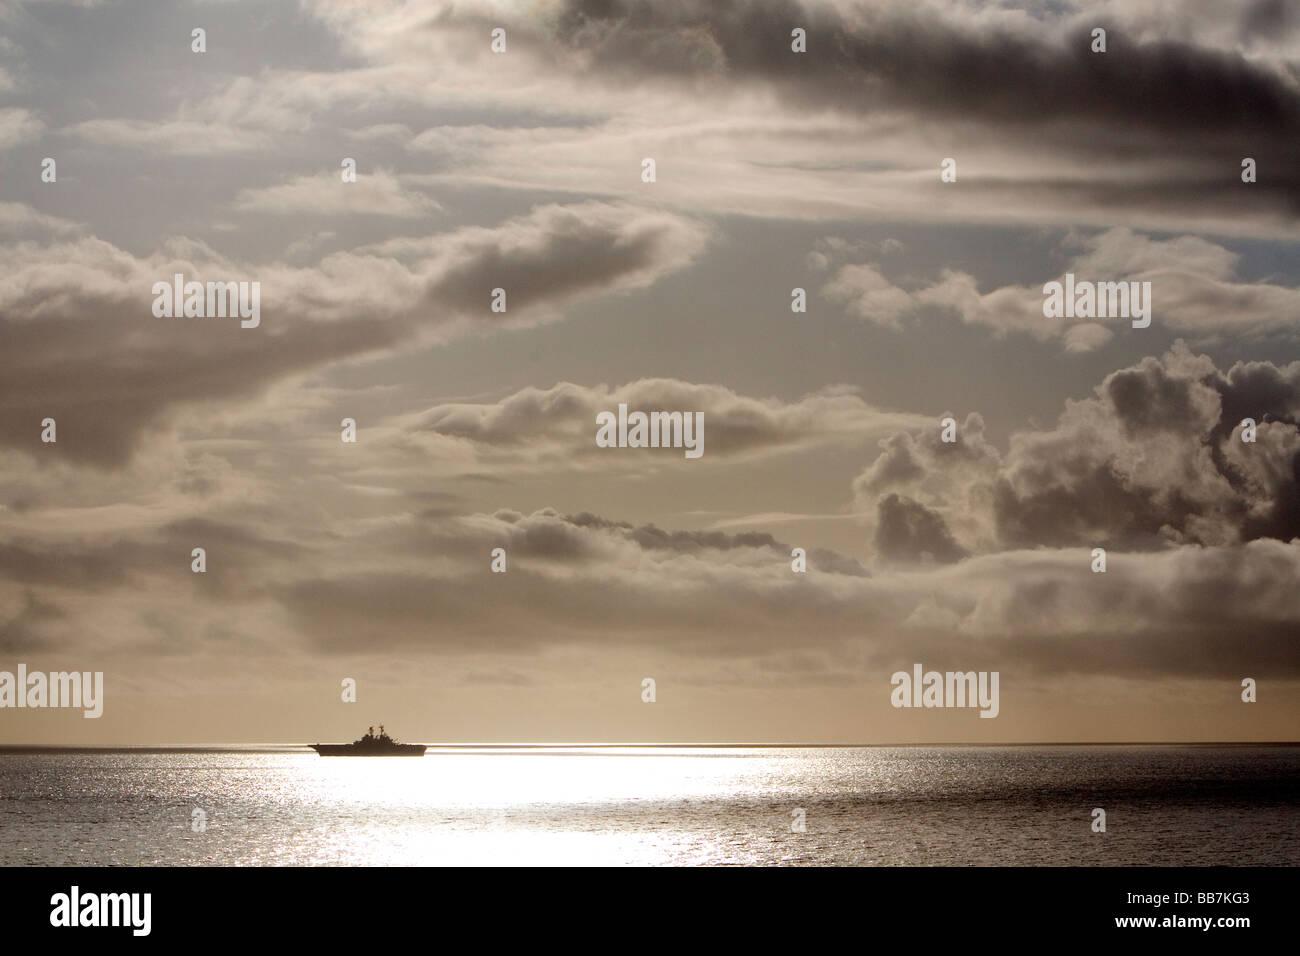 USS Bonhomme Richard Buque de asalto anfibio de la Marina de los Estados Unidos en el Océano Pacífico Imagen De Stock